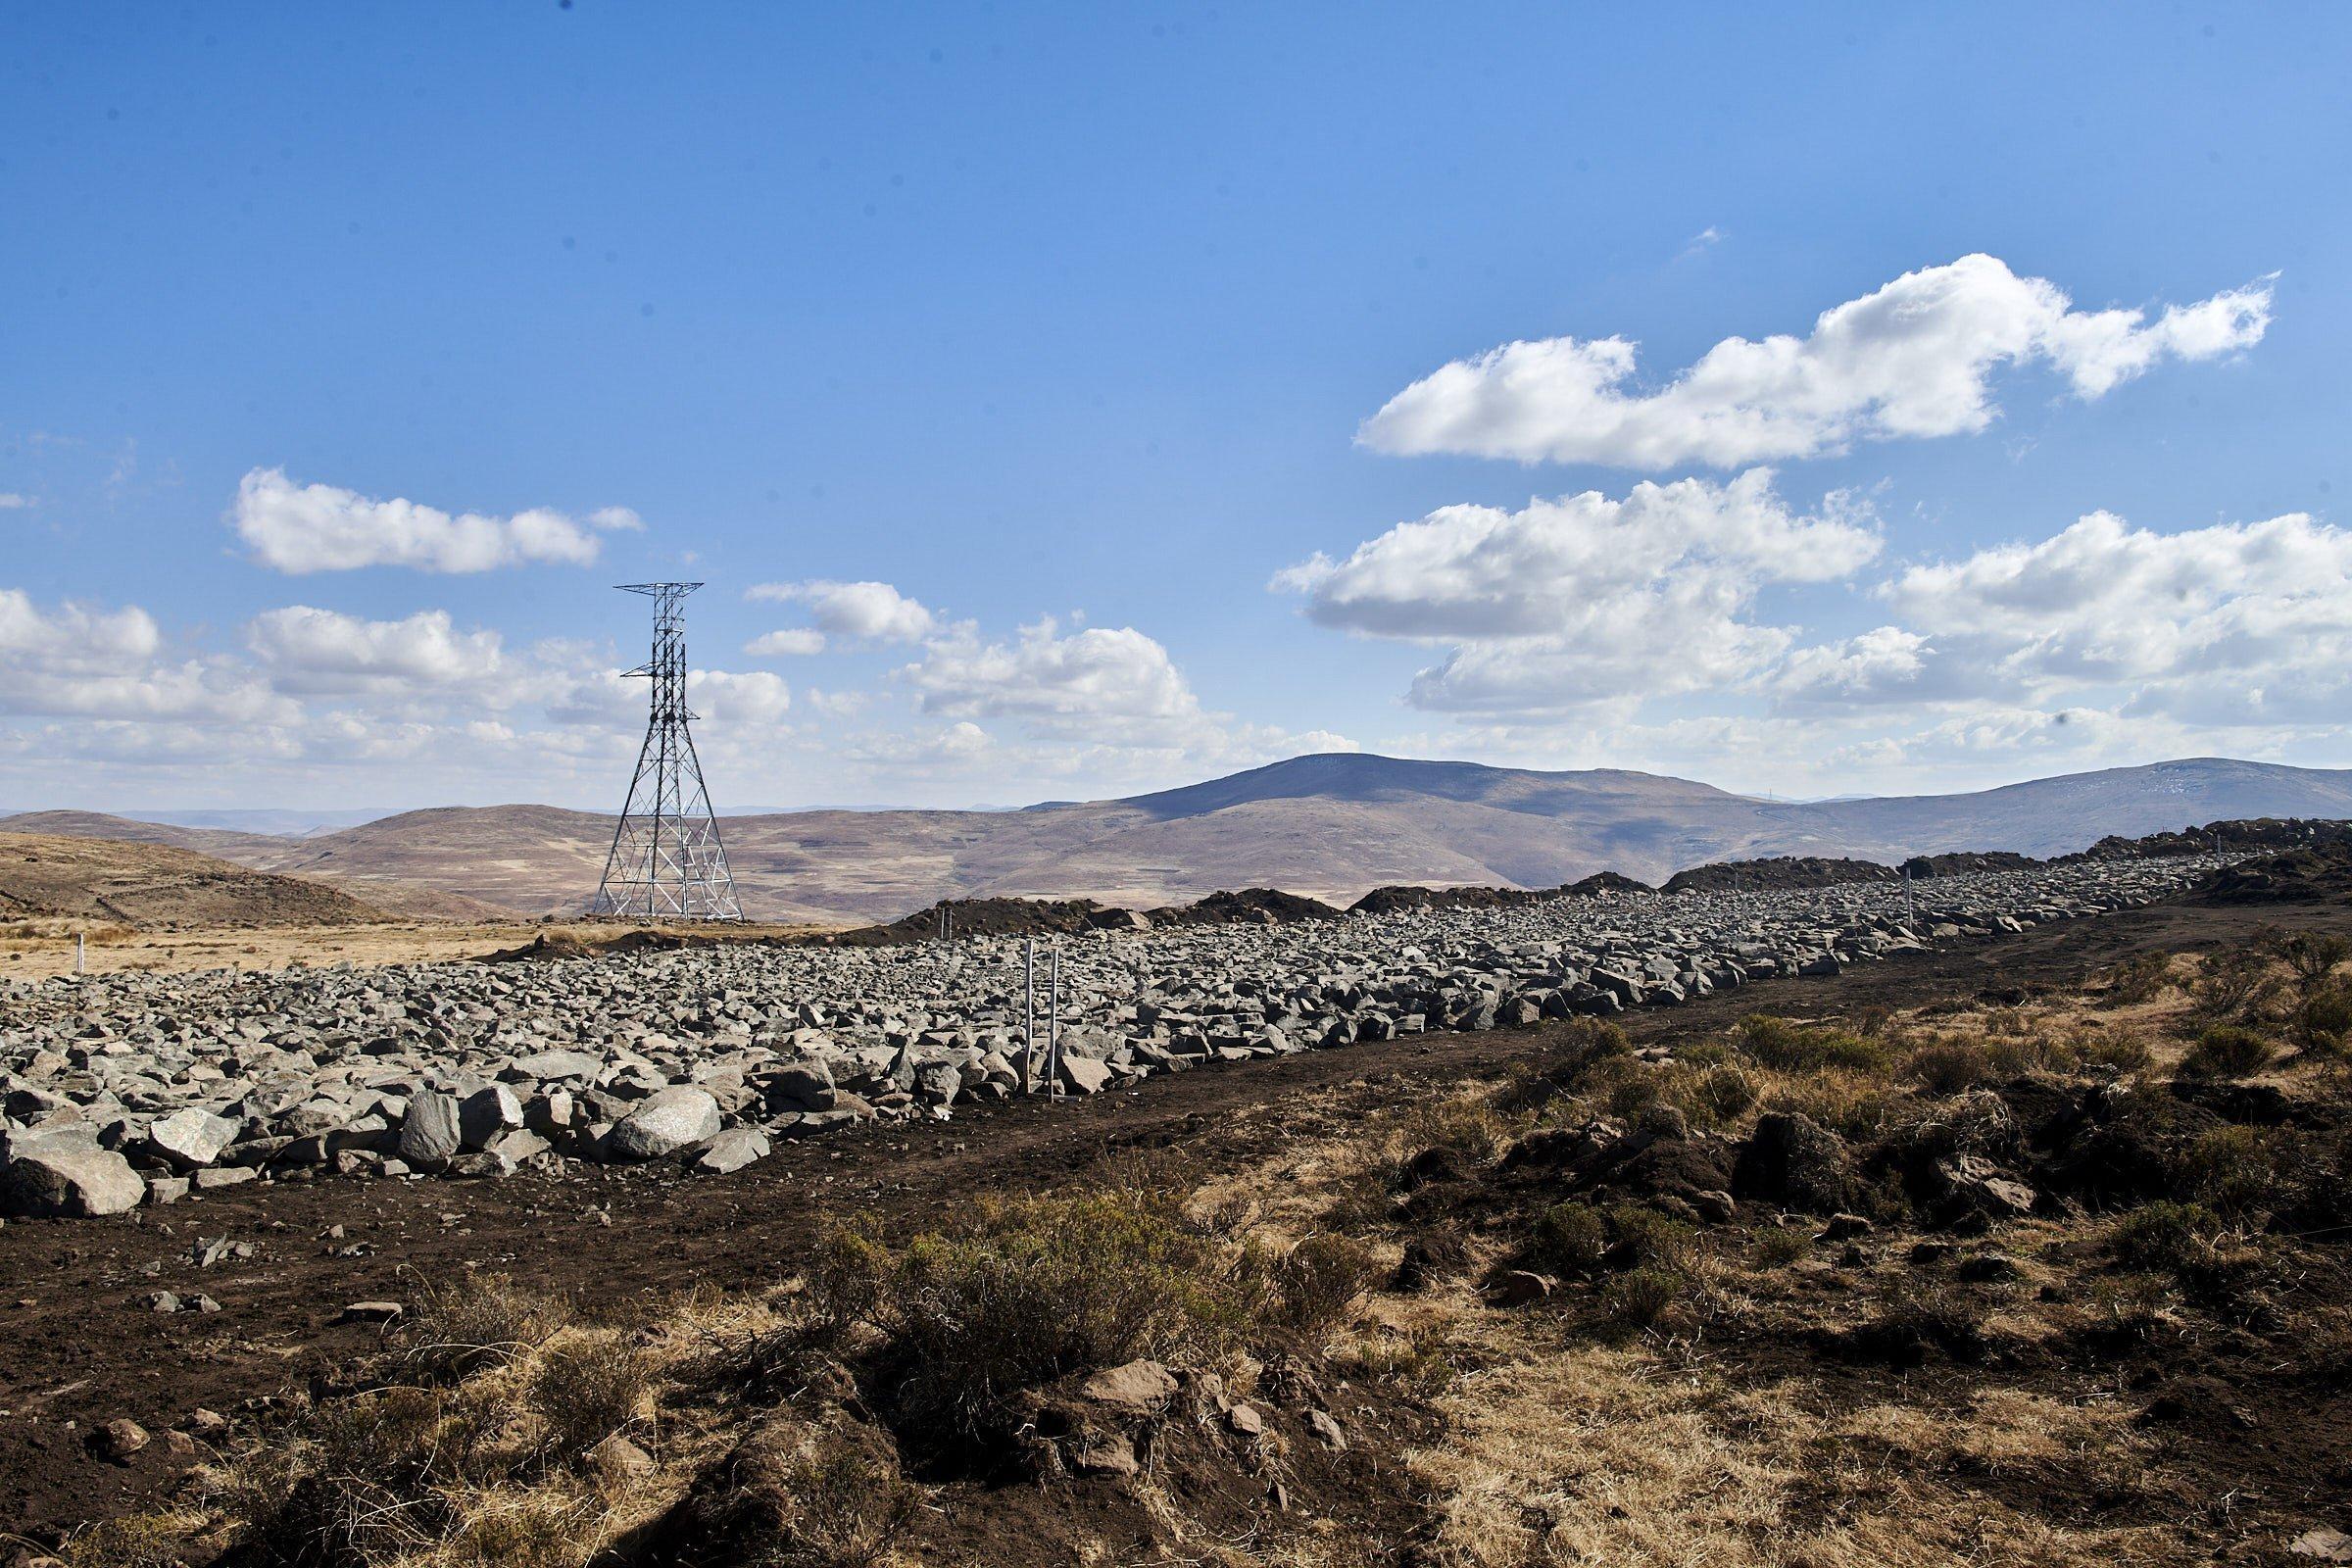 Ein Rechtech aus Steinen bedeckt, was früher einmal ein Feuchtgebiet war.